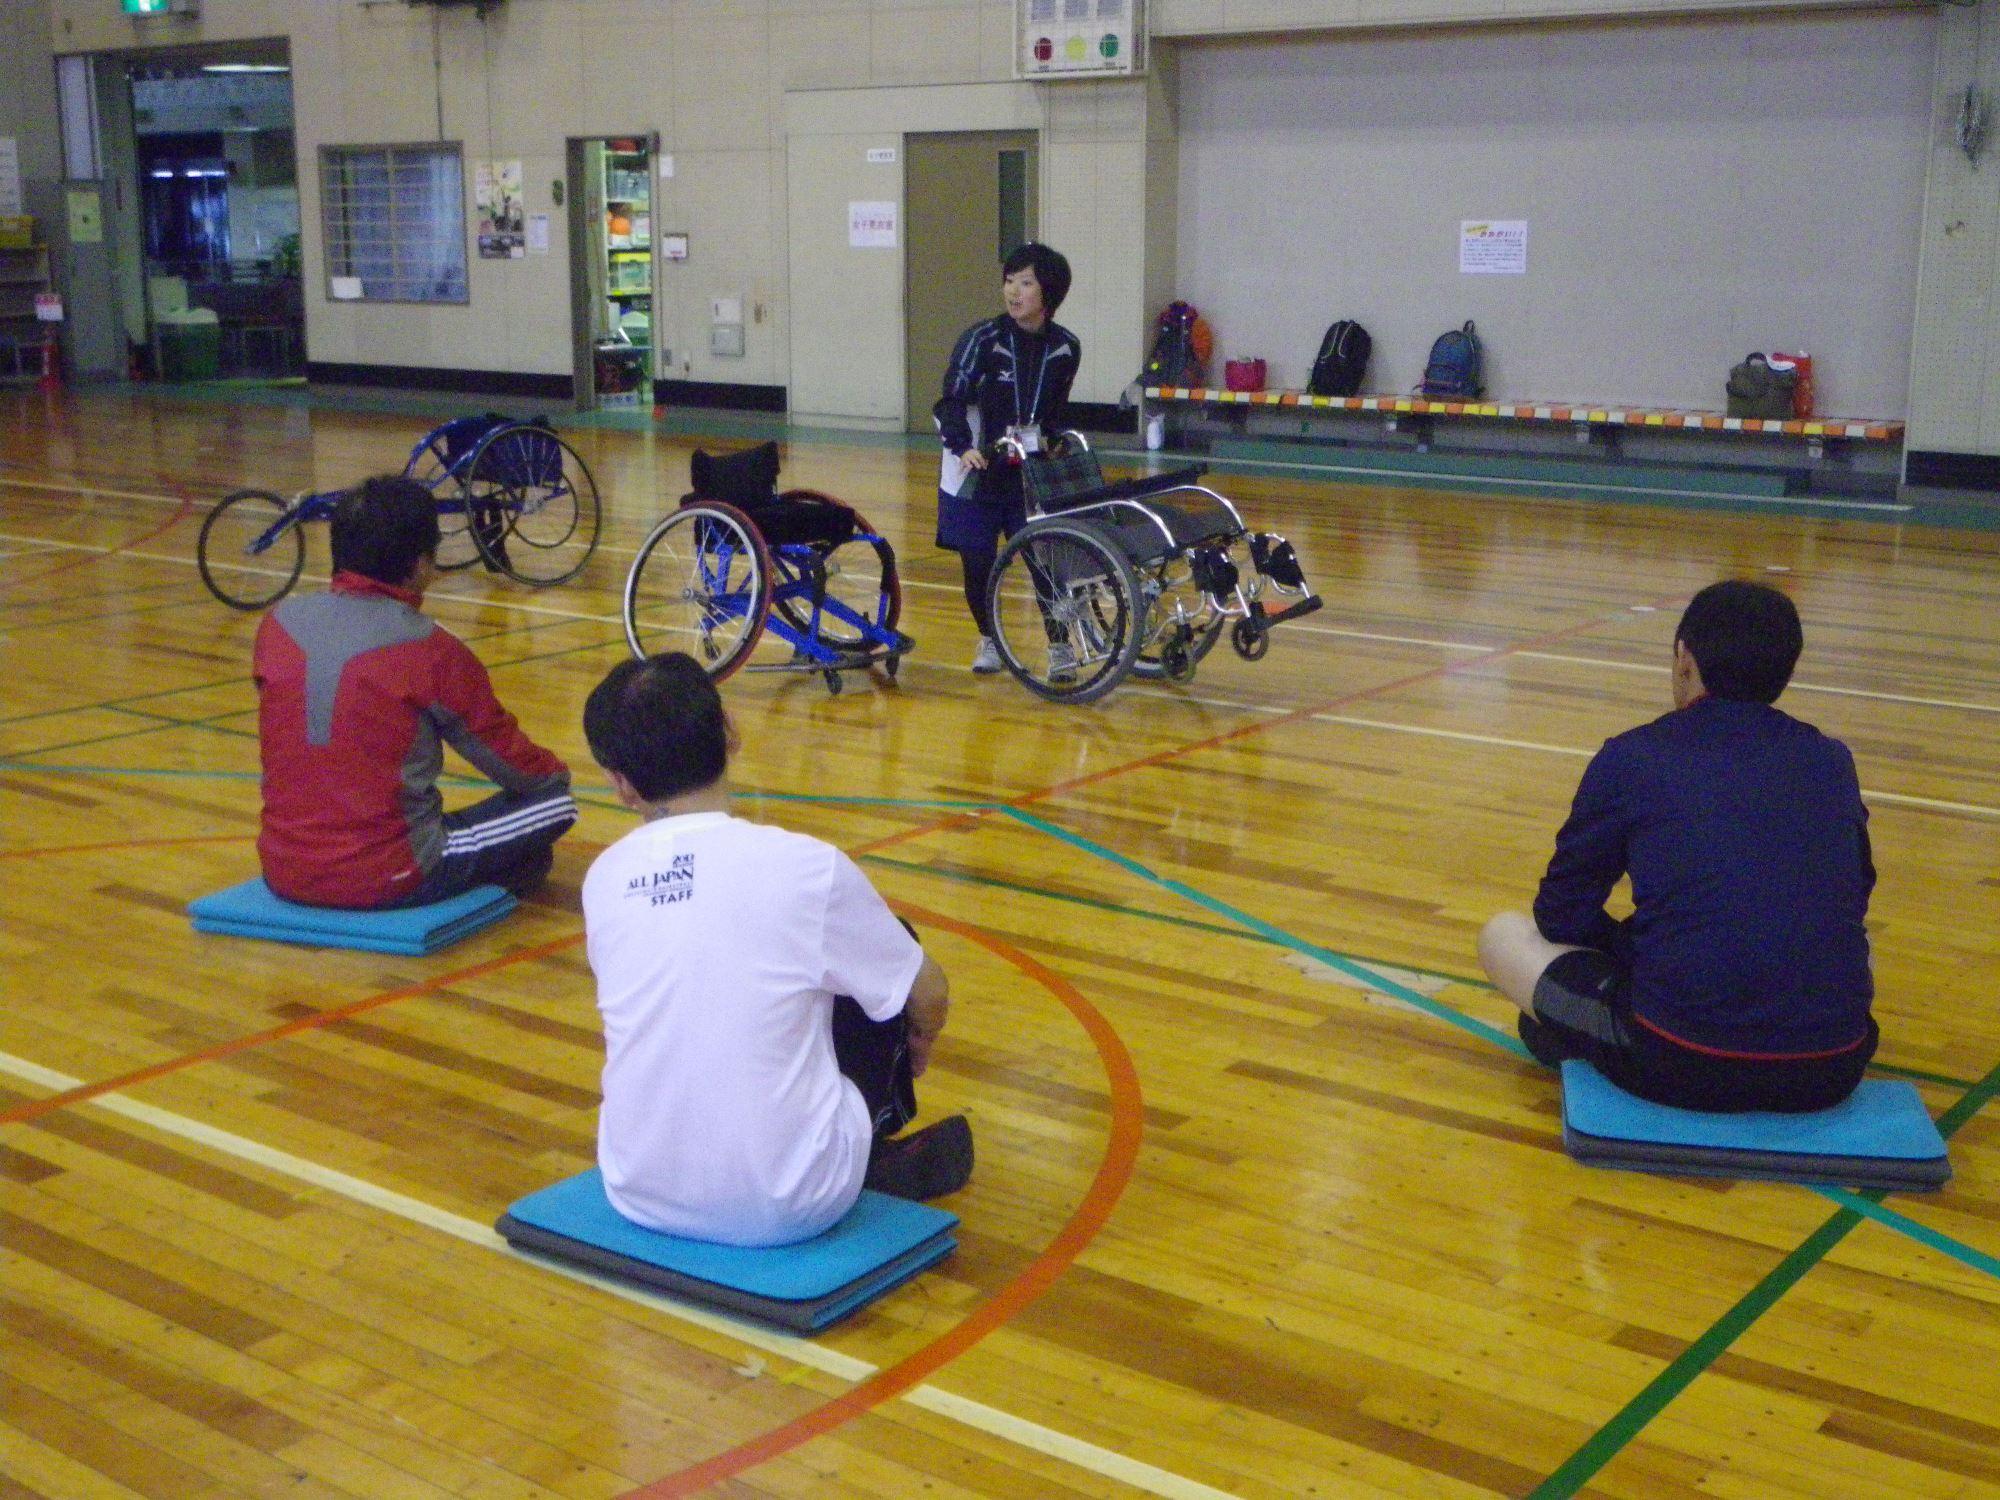 20131027181145 - 「スポーツボランティア入門講習会」より